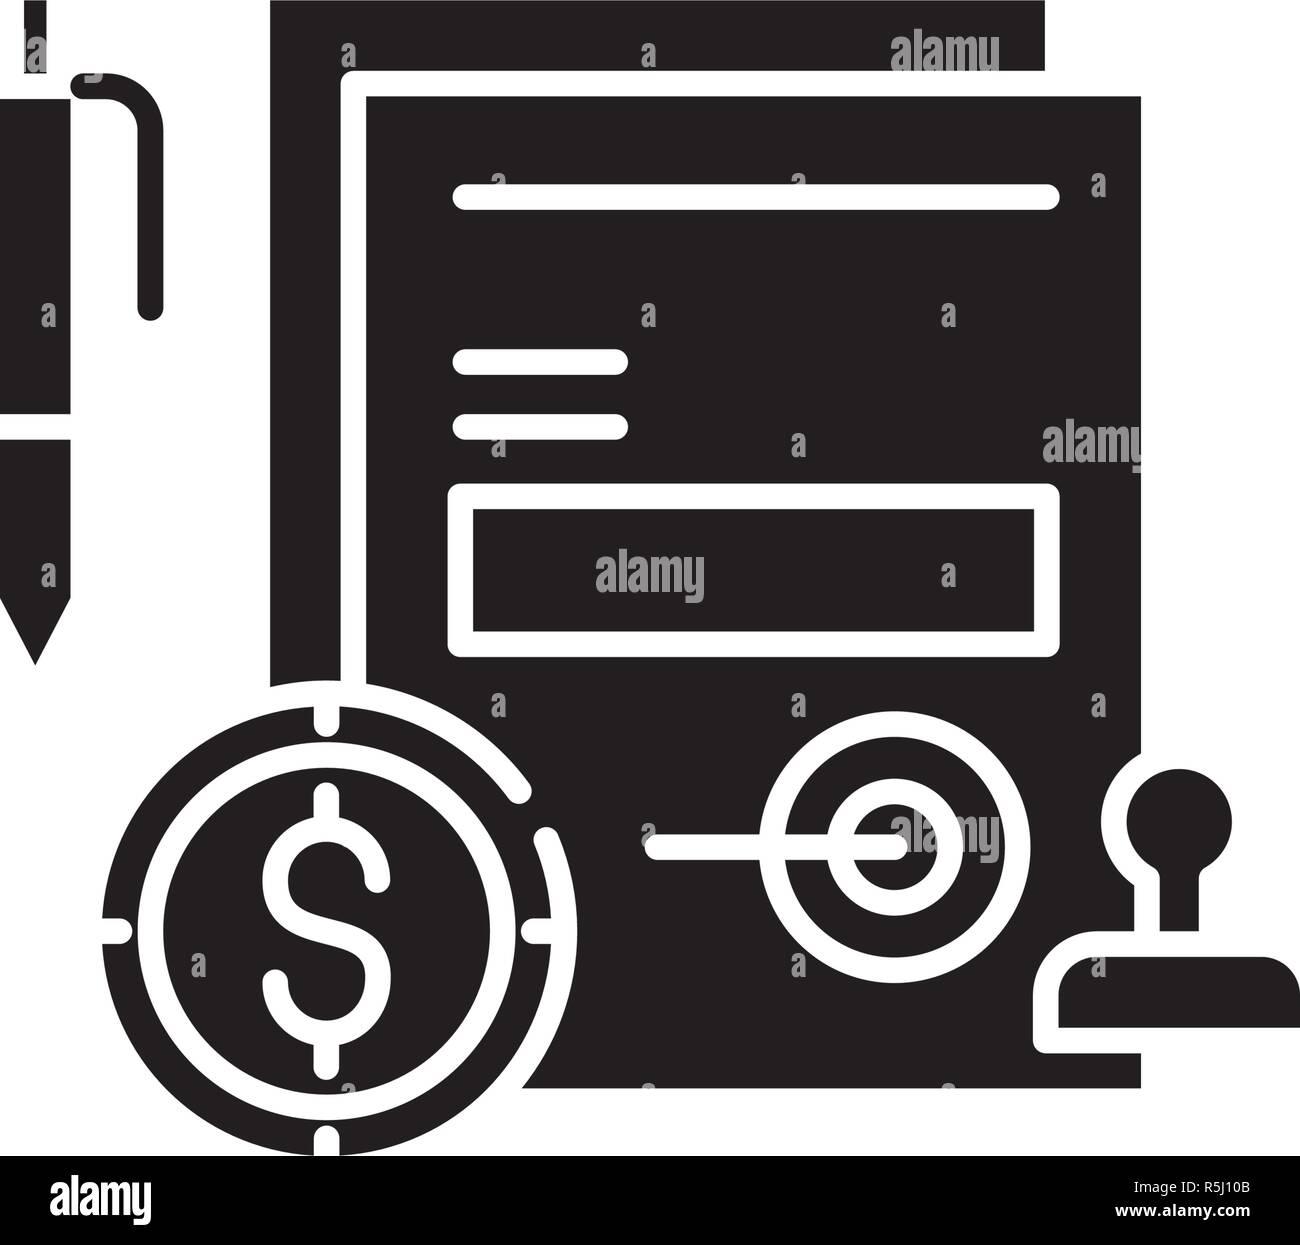 Compromiso empresarial icono negro, signo de vectores de fondo aislados. Compromiso empresarial concepto símbolo, ilustración Imagen De Stock